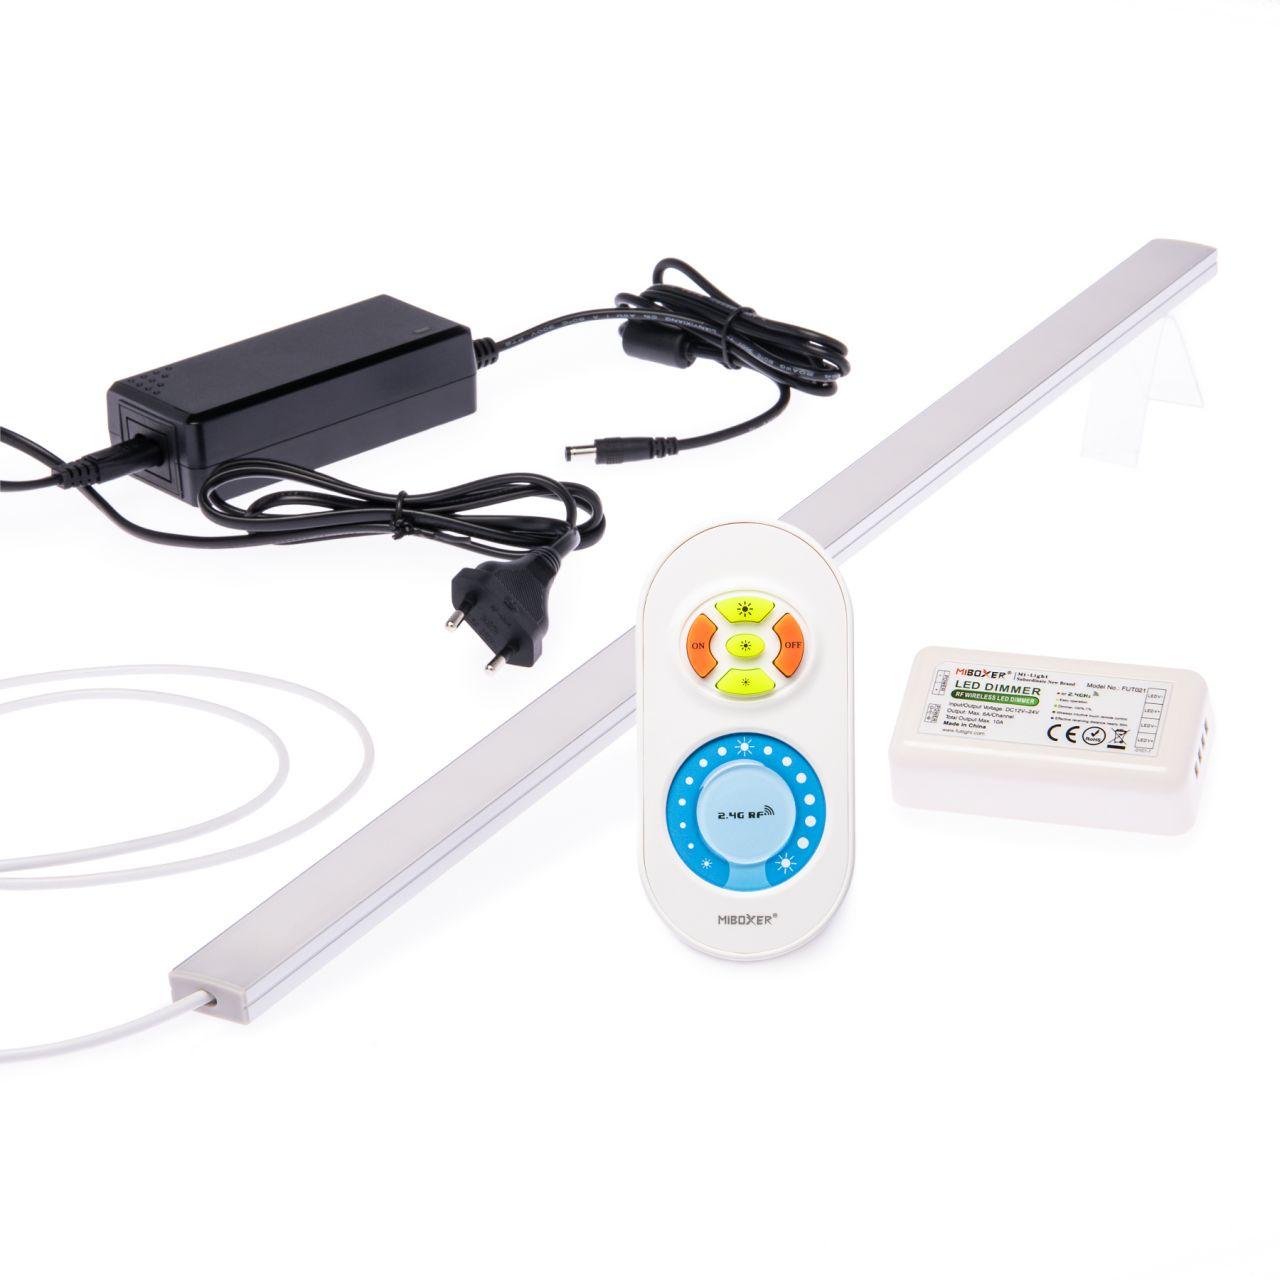 24V High Power LED Leisten Set mit Fernbedienung und Netzteil, 93cm Länge, Lichtfarbe warmweiß